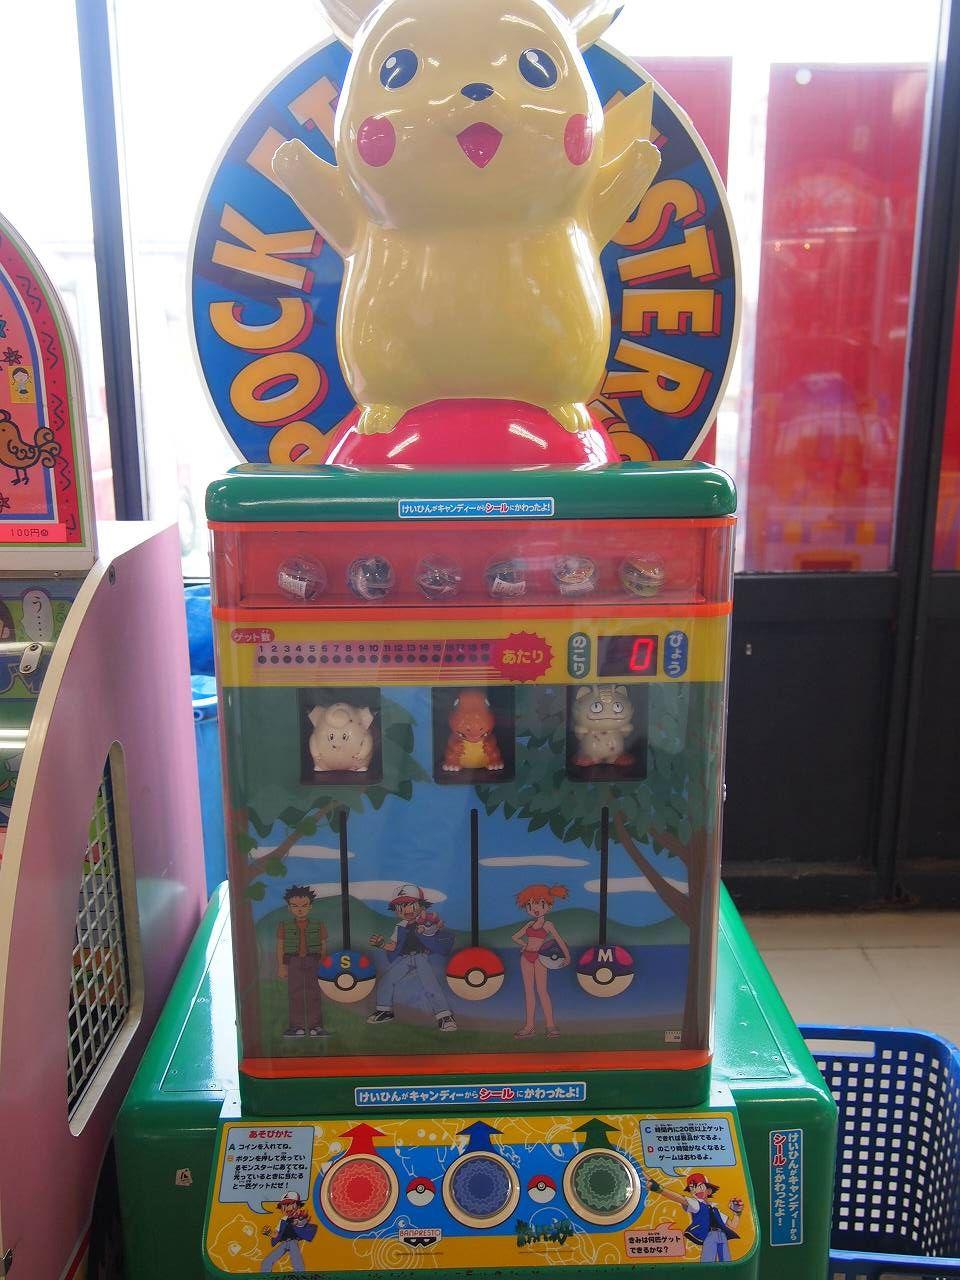 ポケモン ゲーム ゲーム | 7331 イラス